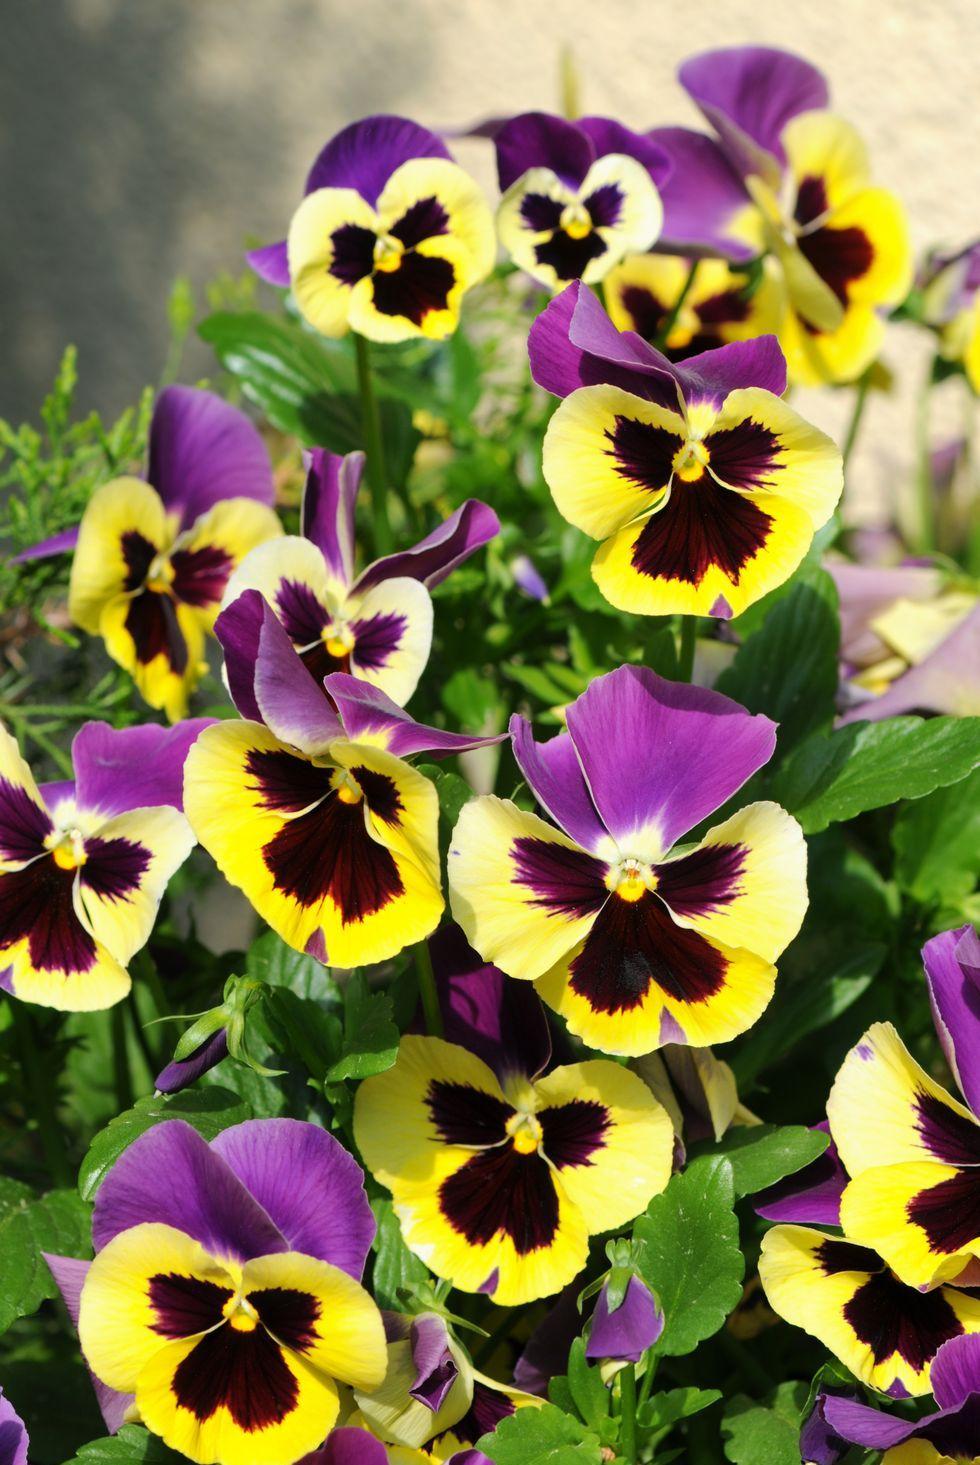 The Surprising Meanings Behind Your Favorite Flowers In 2020 Pansies Flowers Popular Flowers Pansies